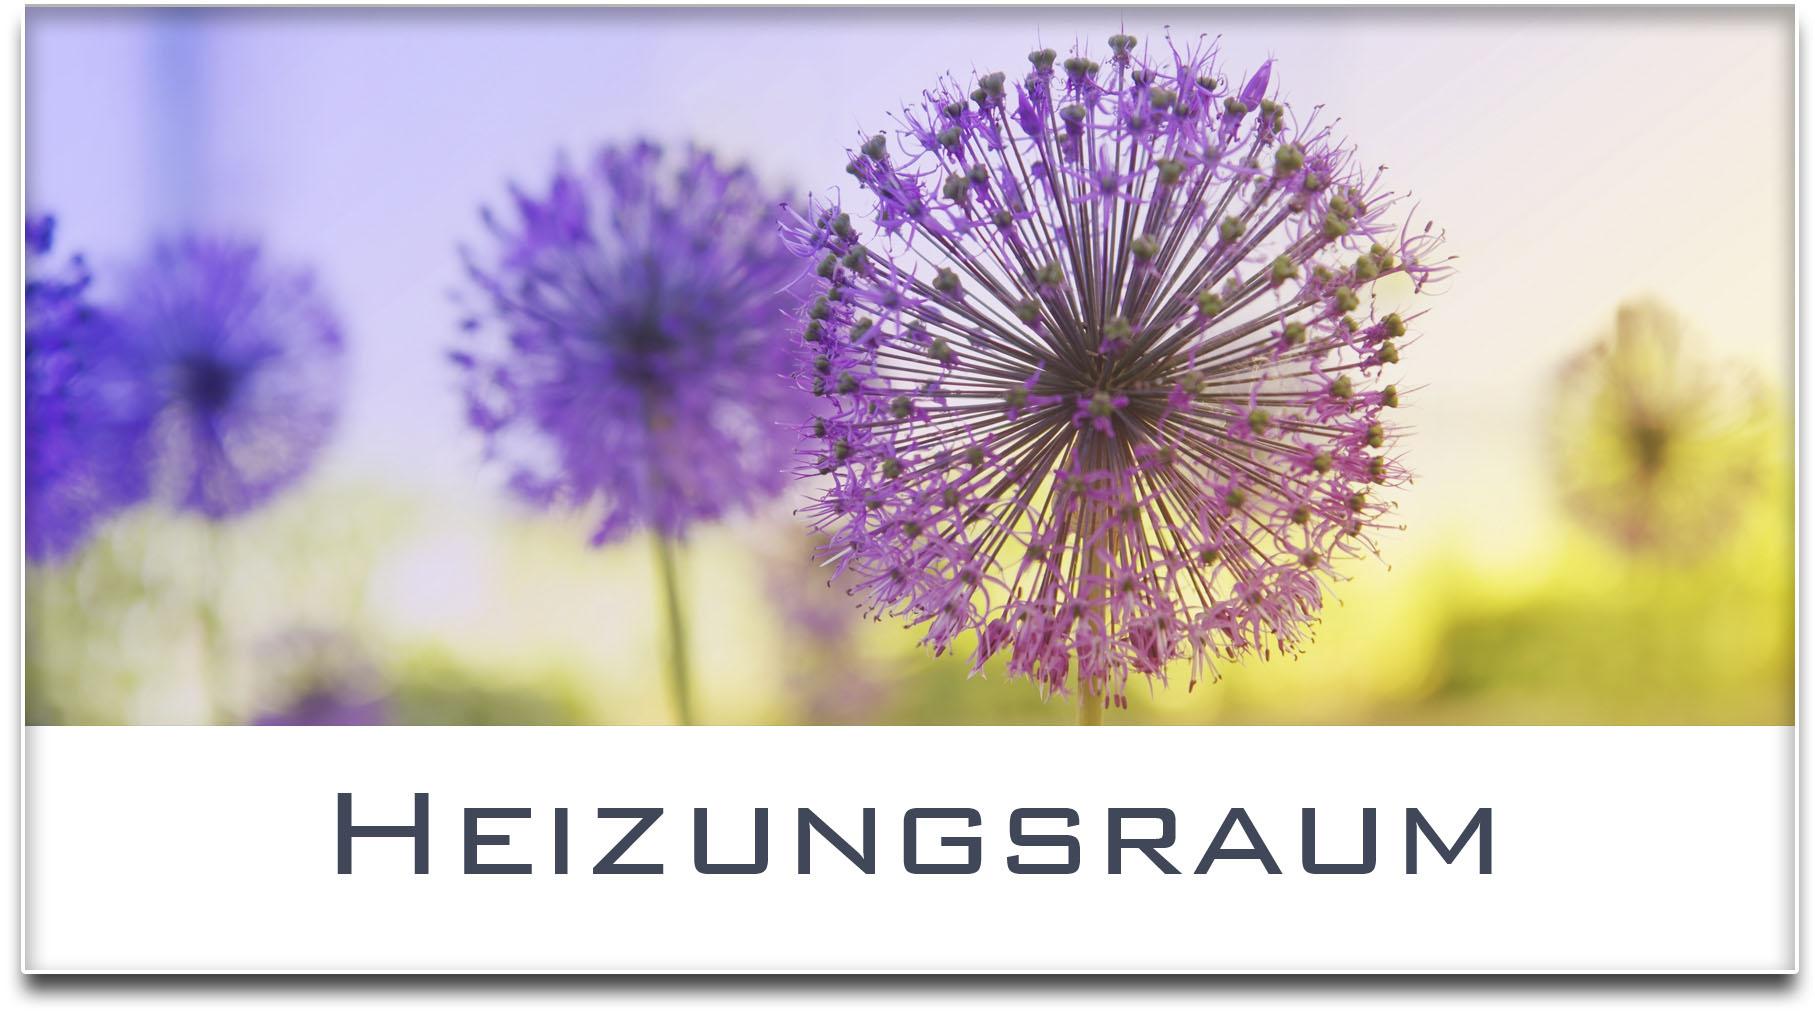 Türschild / Haustürschild / Blume / Heizungsraum / Selbstklebend